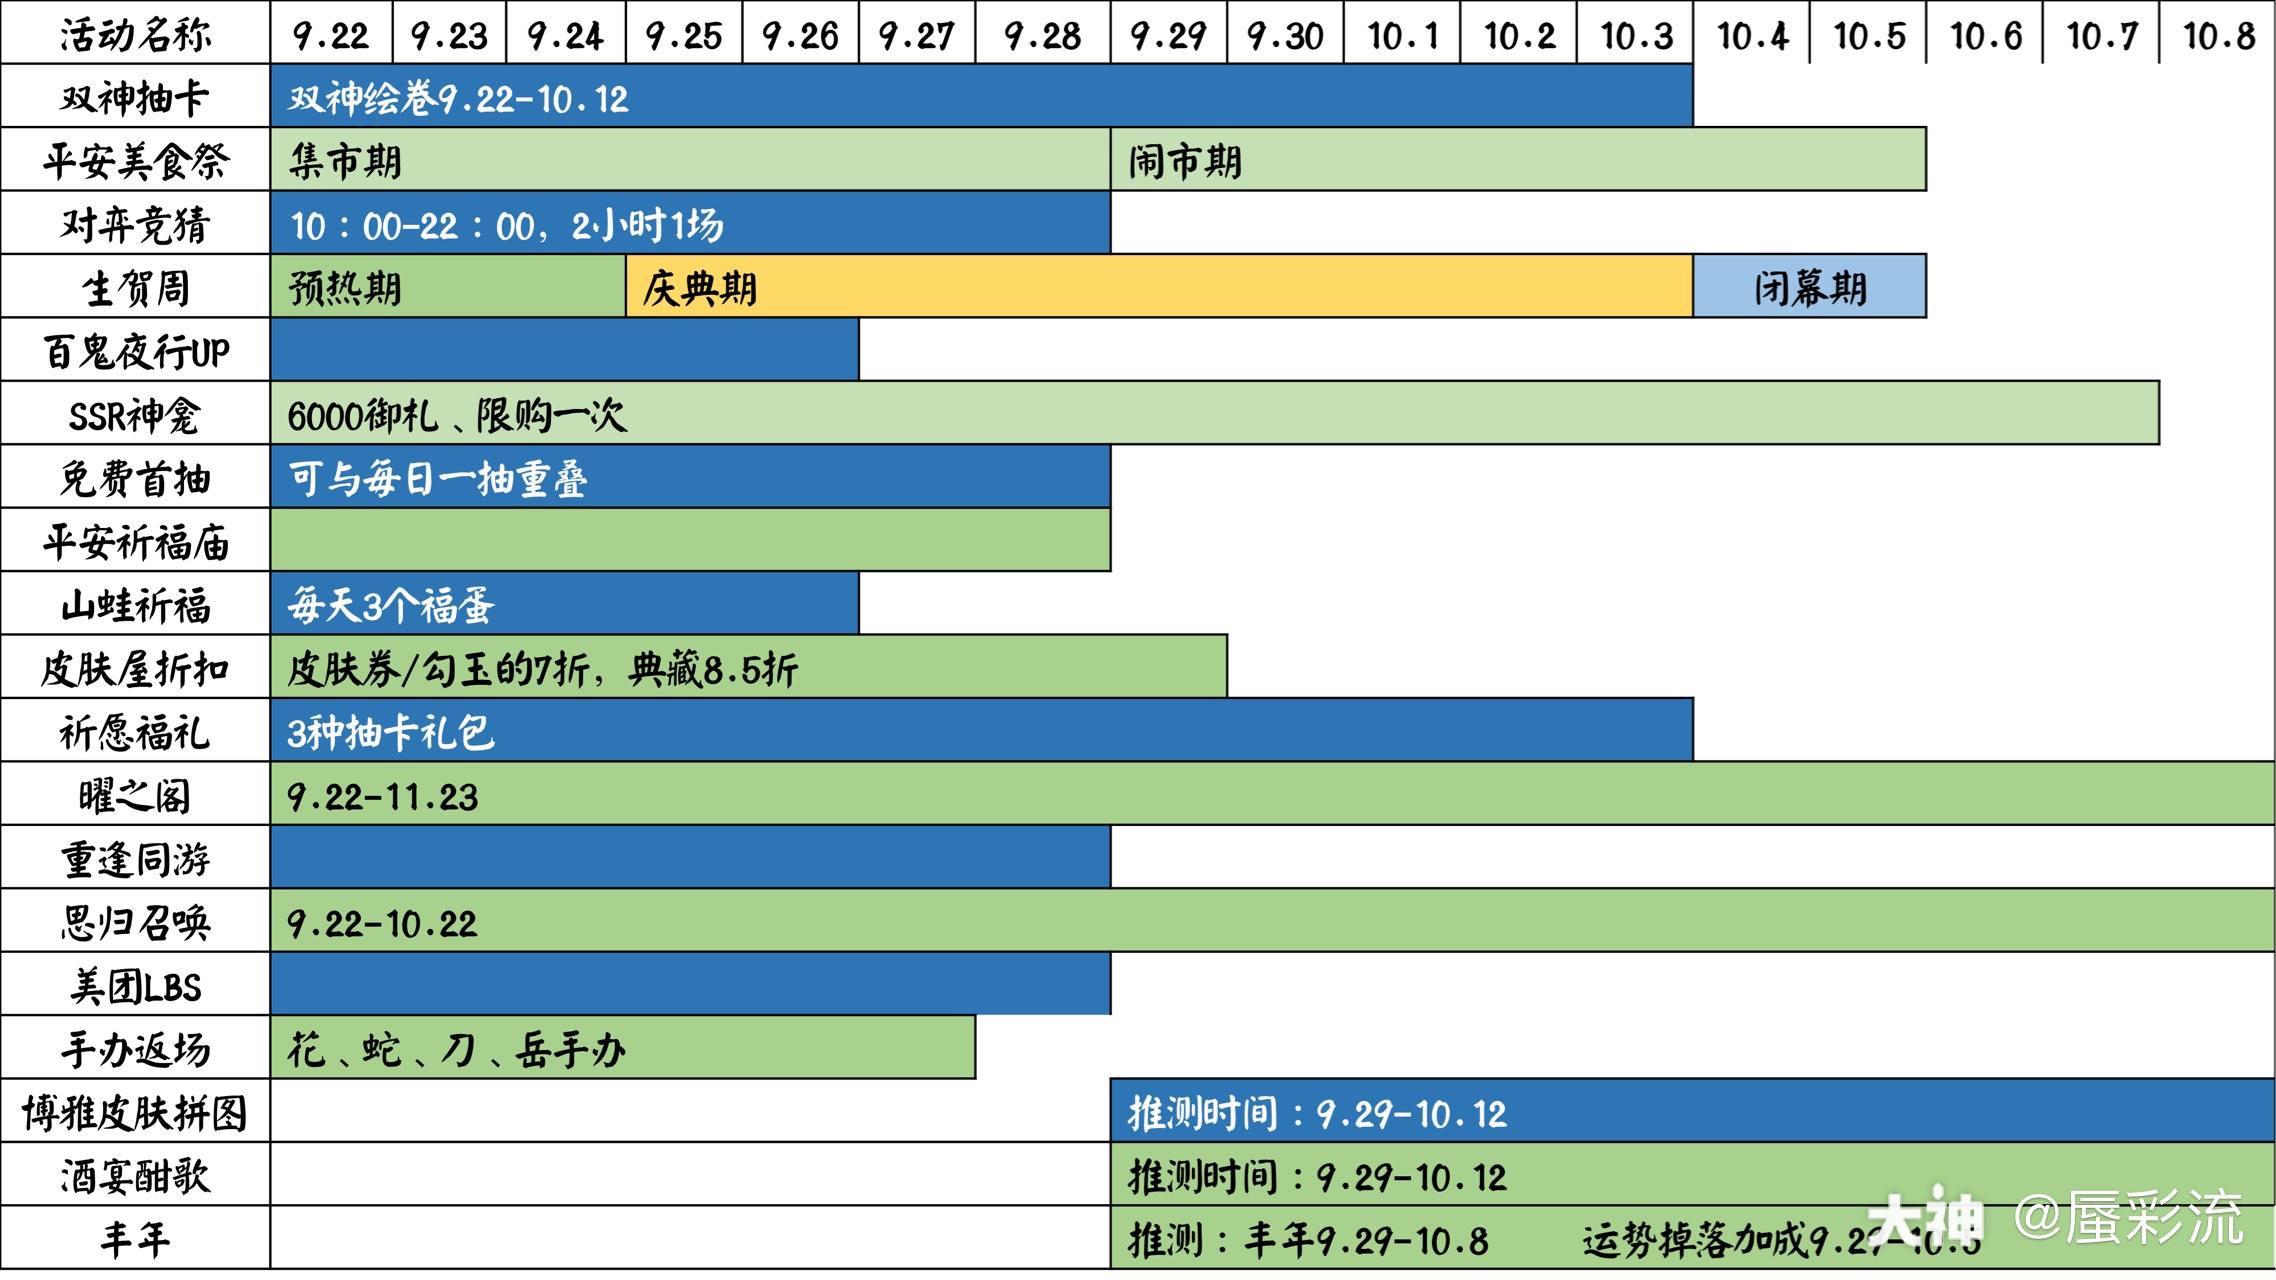 阴阳师周年庆活动时间表分享